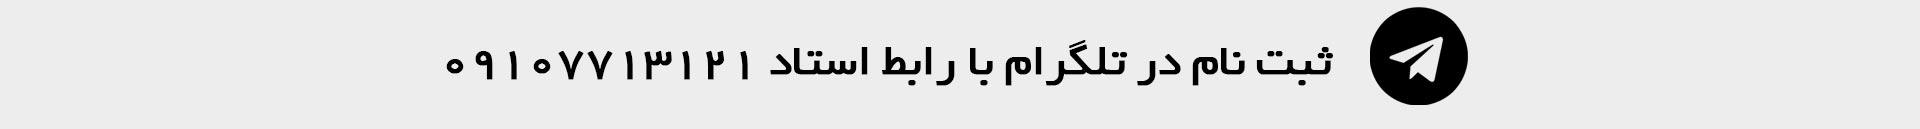 ثبت نام از طریق تلگرام استاد